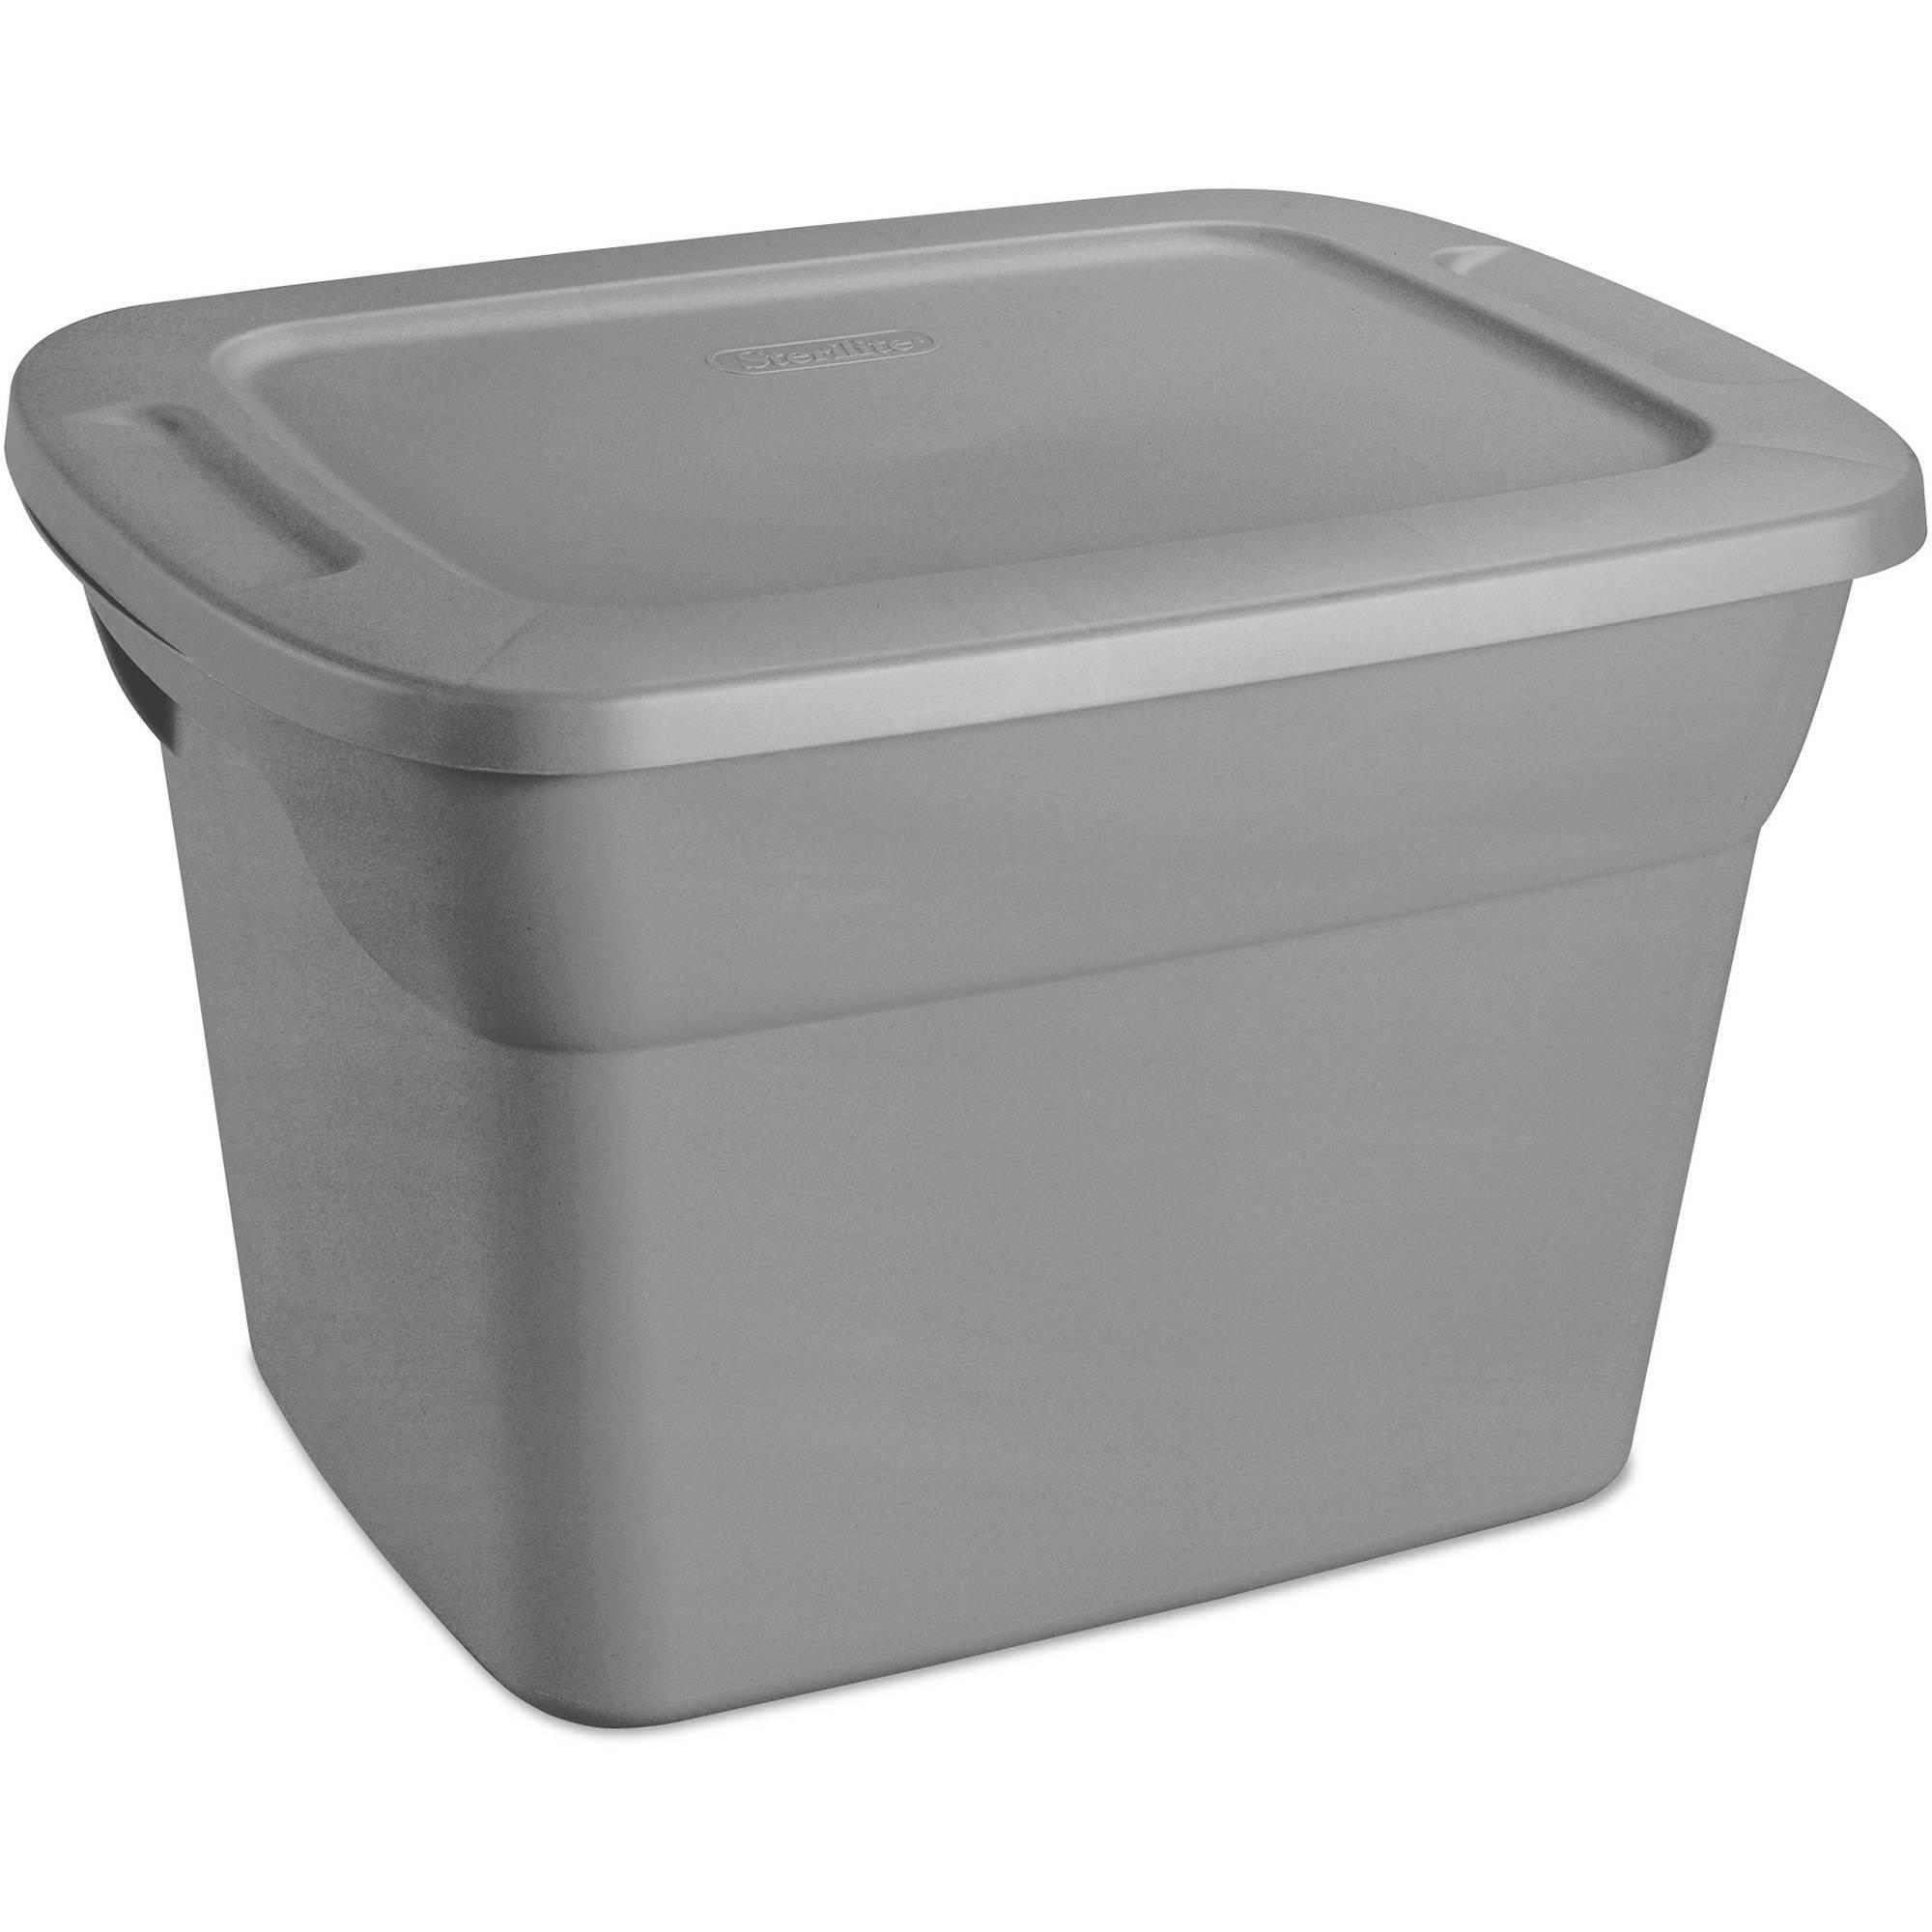 Sterilite 18 Gallon Tote Box- Steel (Available in Case of 8 or Single Unit)